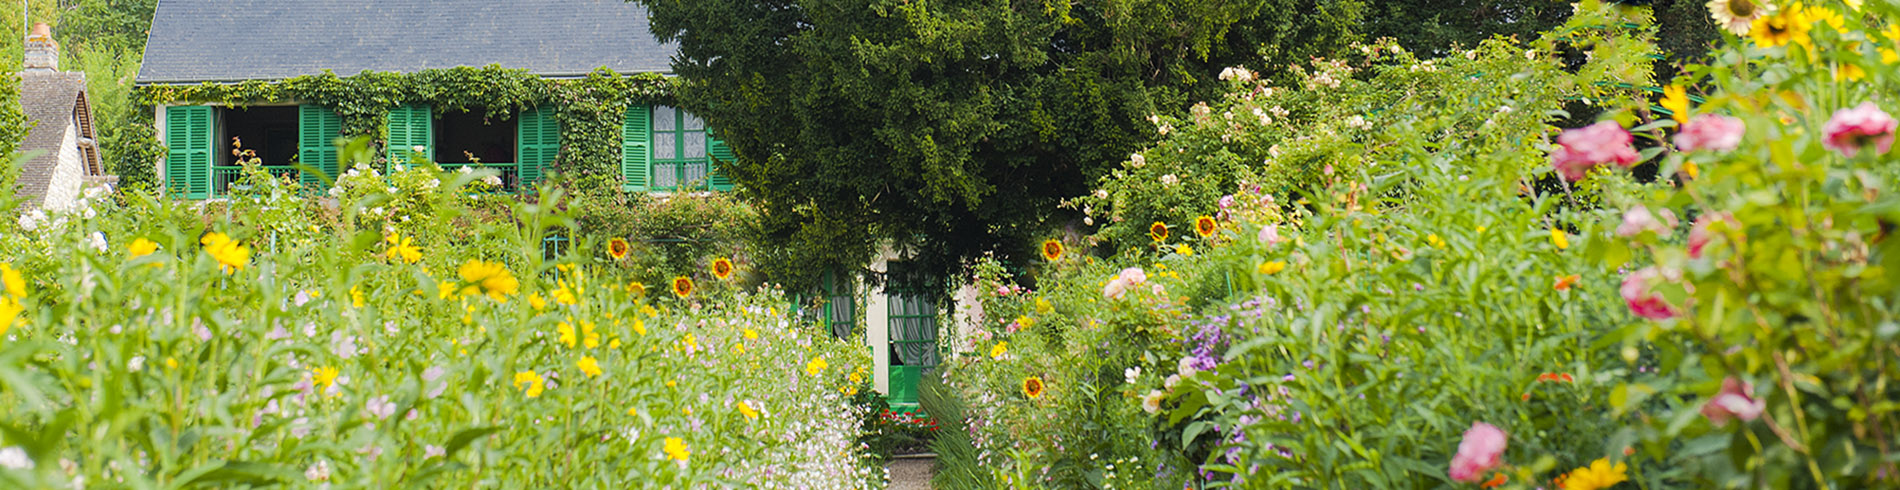 Der Garten von Monet in Giverny